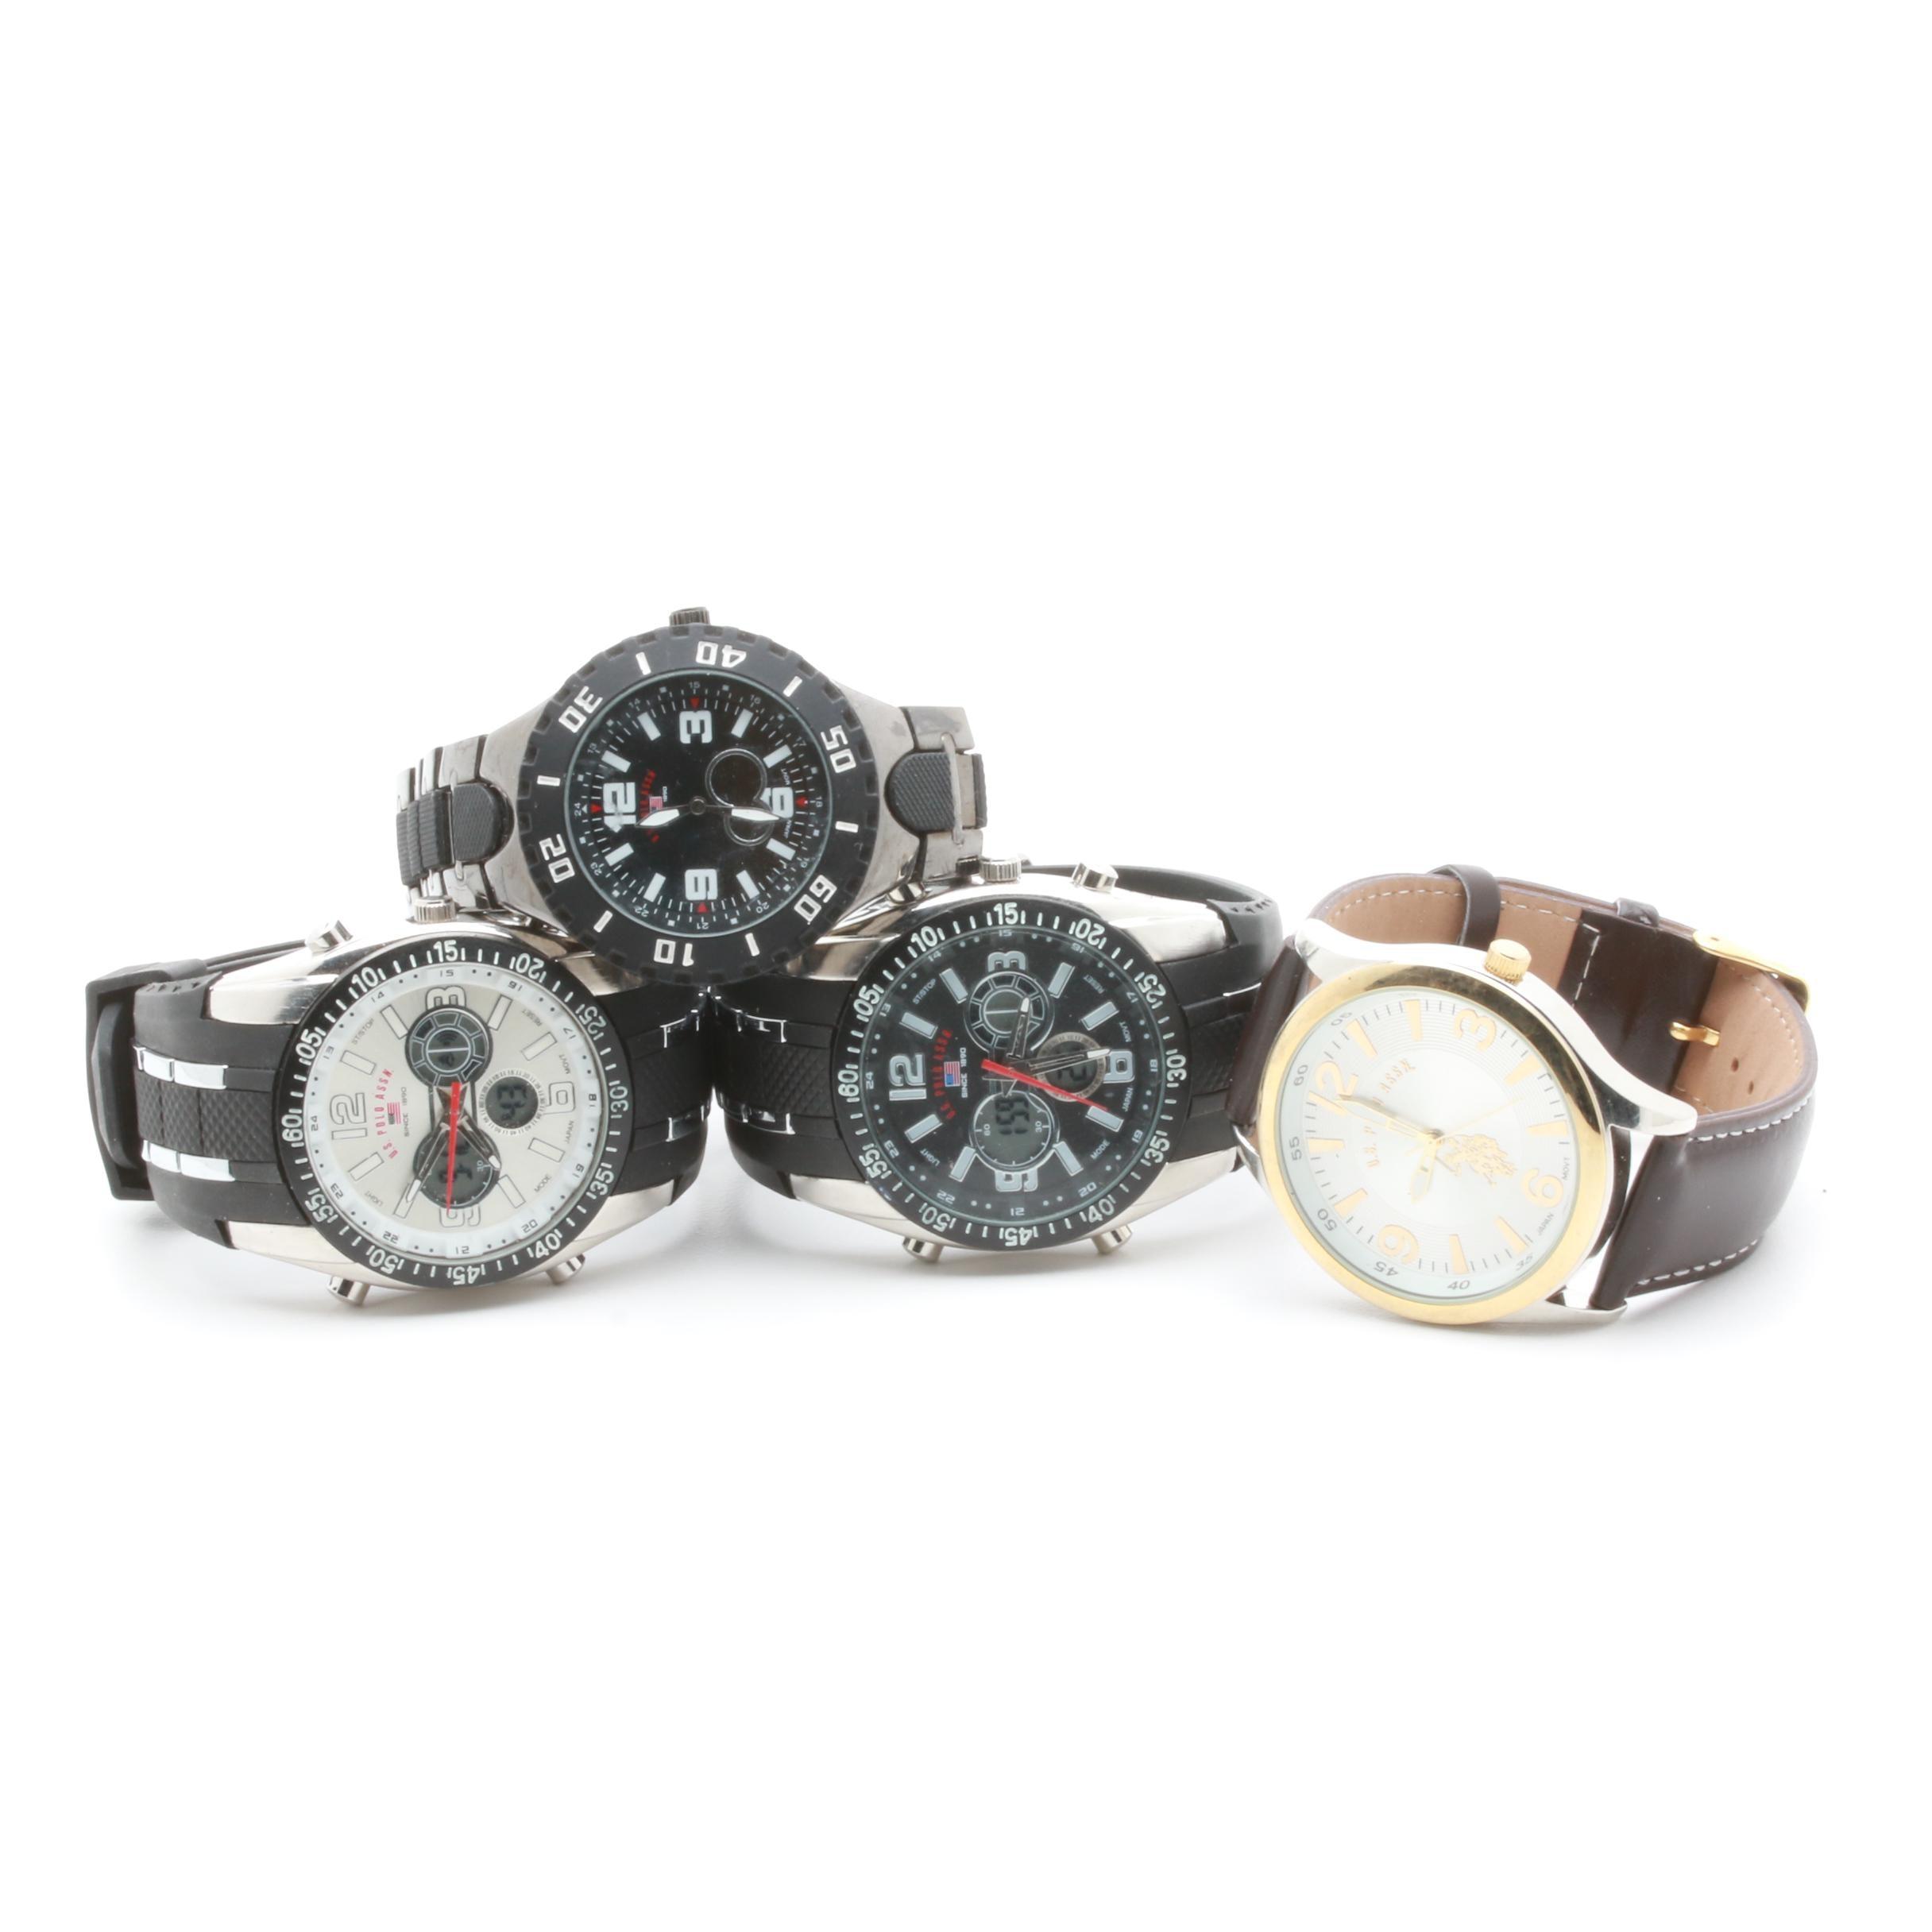 U.S. Polo ASSN Wristwatch Assortment